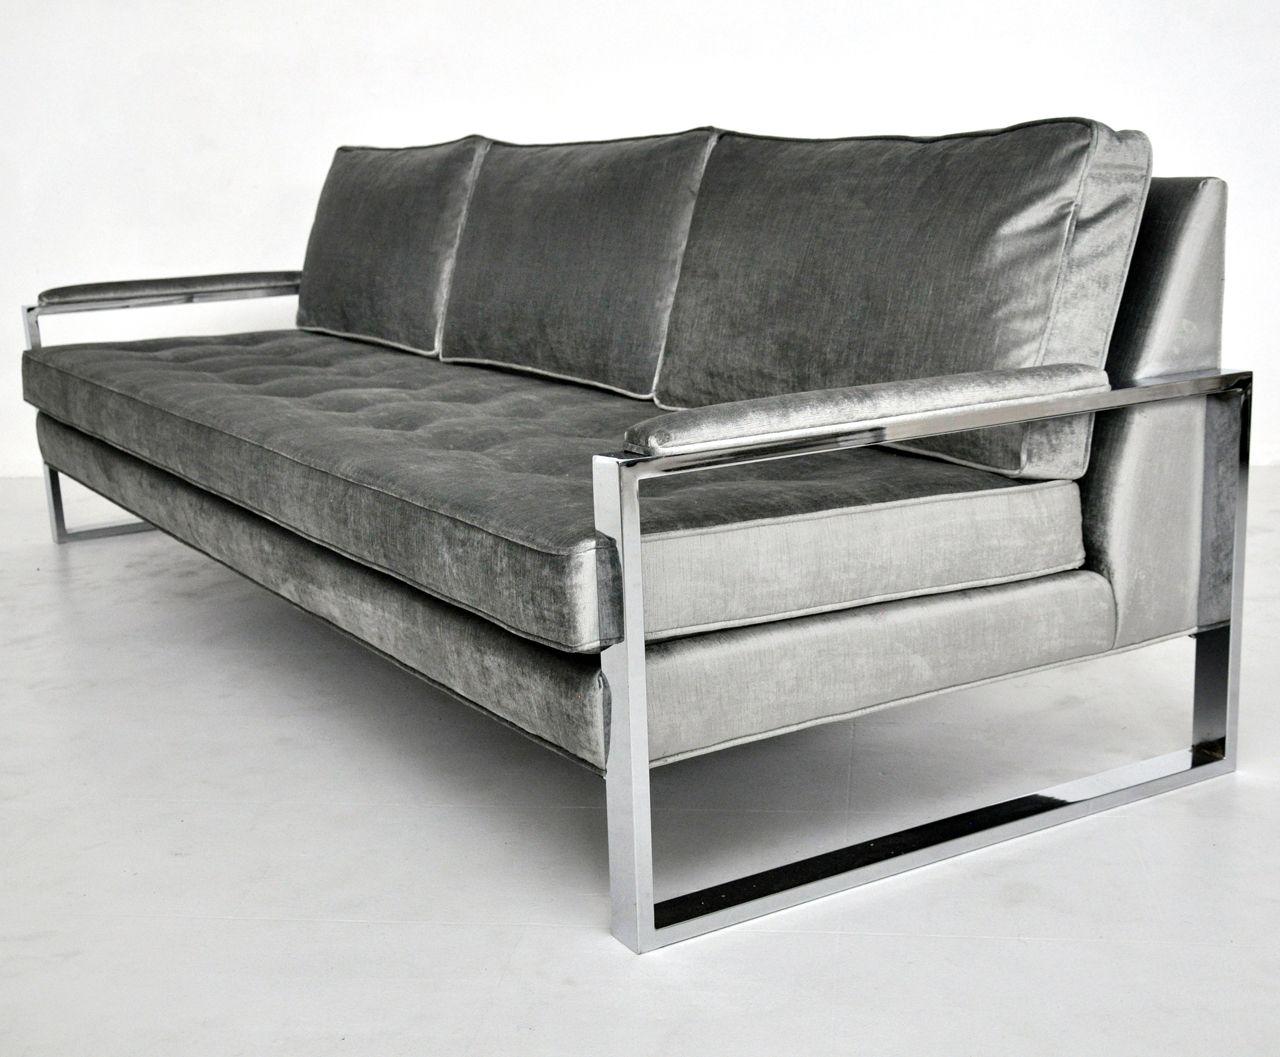 Milo Baughman Chromed Metal Frame Sofa 1960s Sofa Frame Sofa